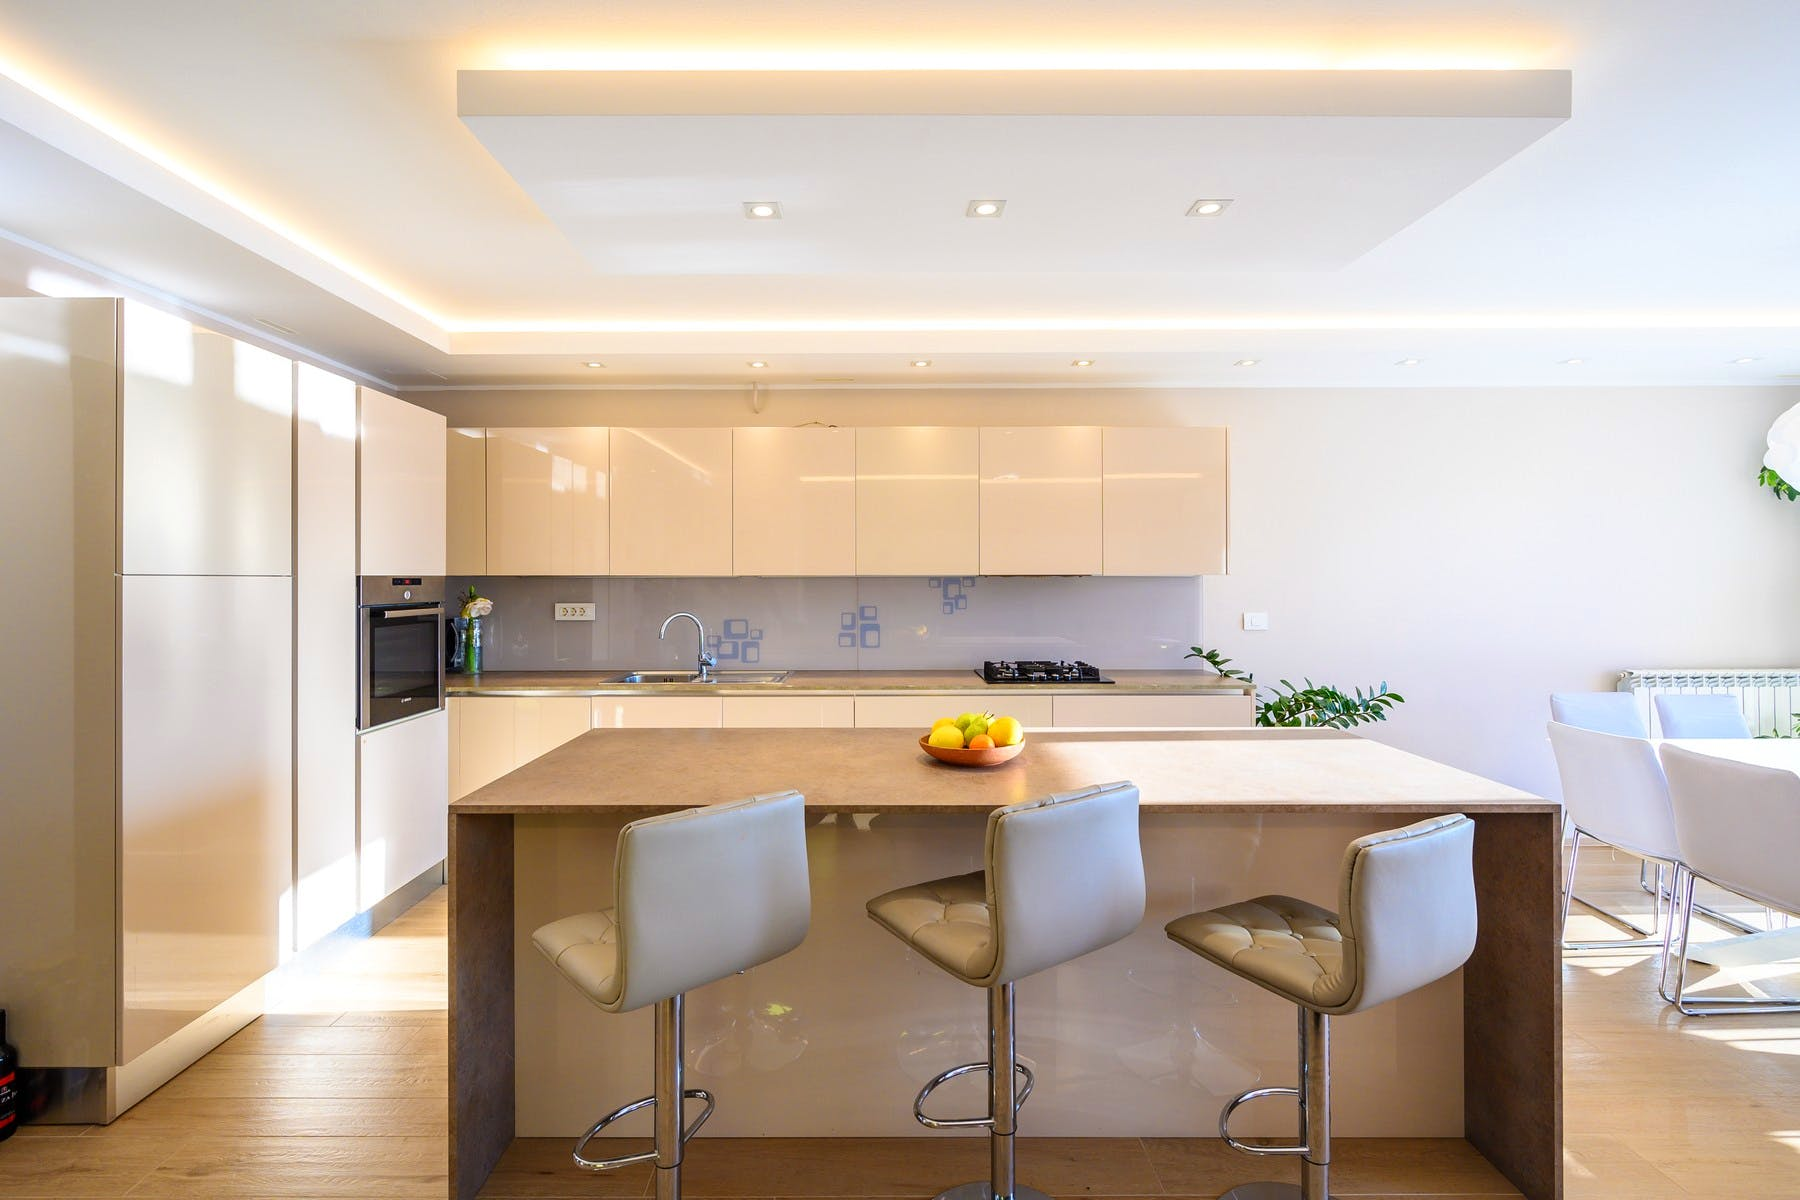 Velika kuhinja s modernom opremom